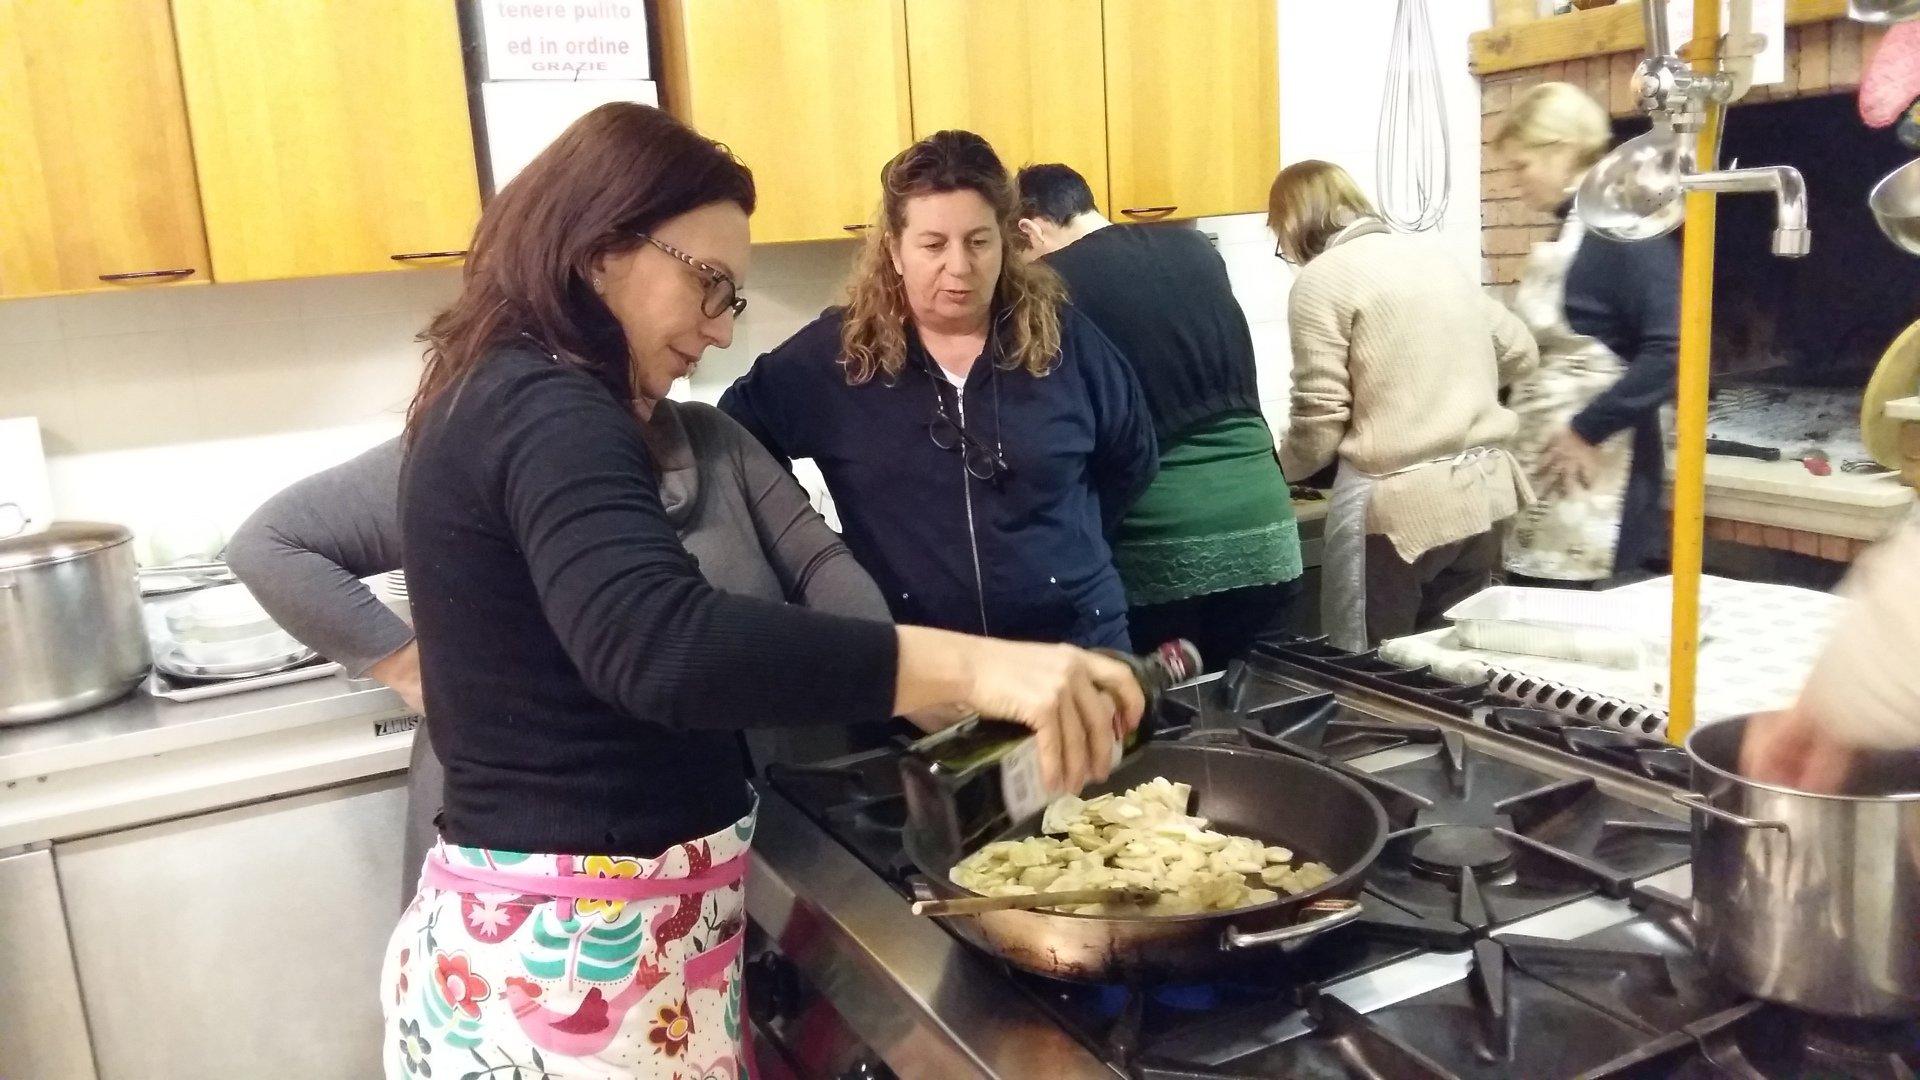 Corsi di cucina brescia antonella spada - Corsi cucina brescia ...